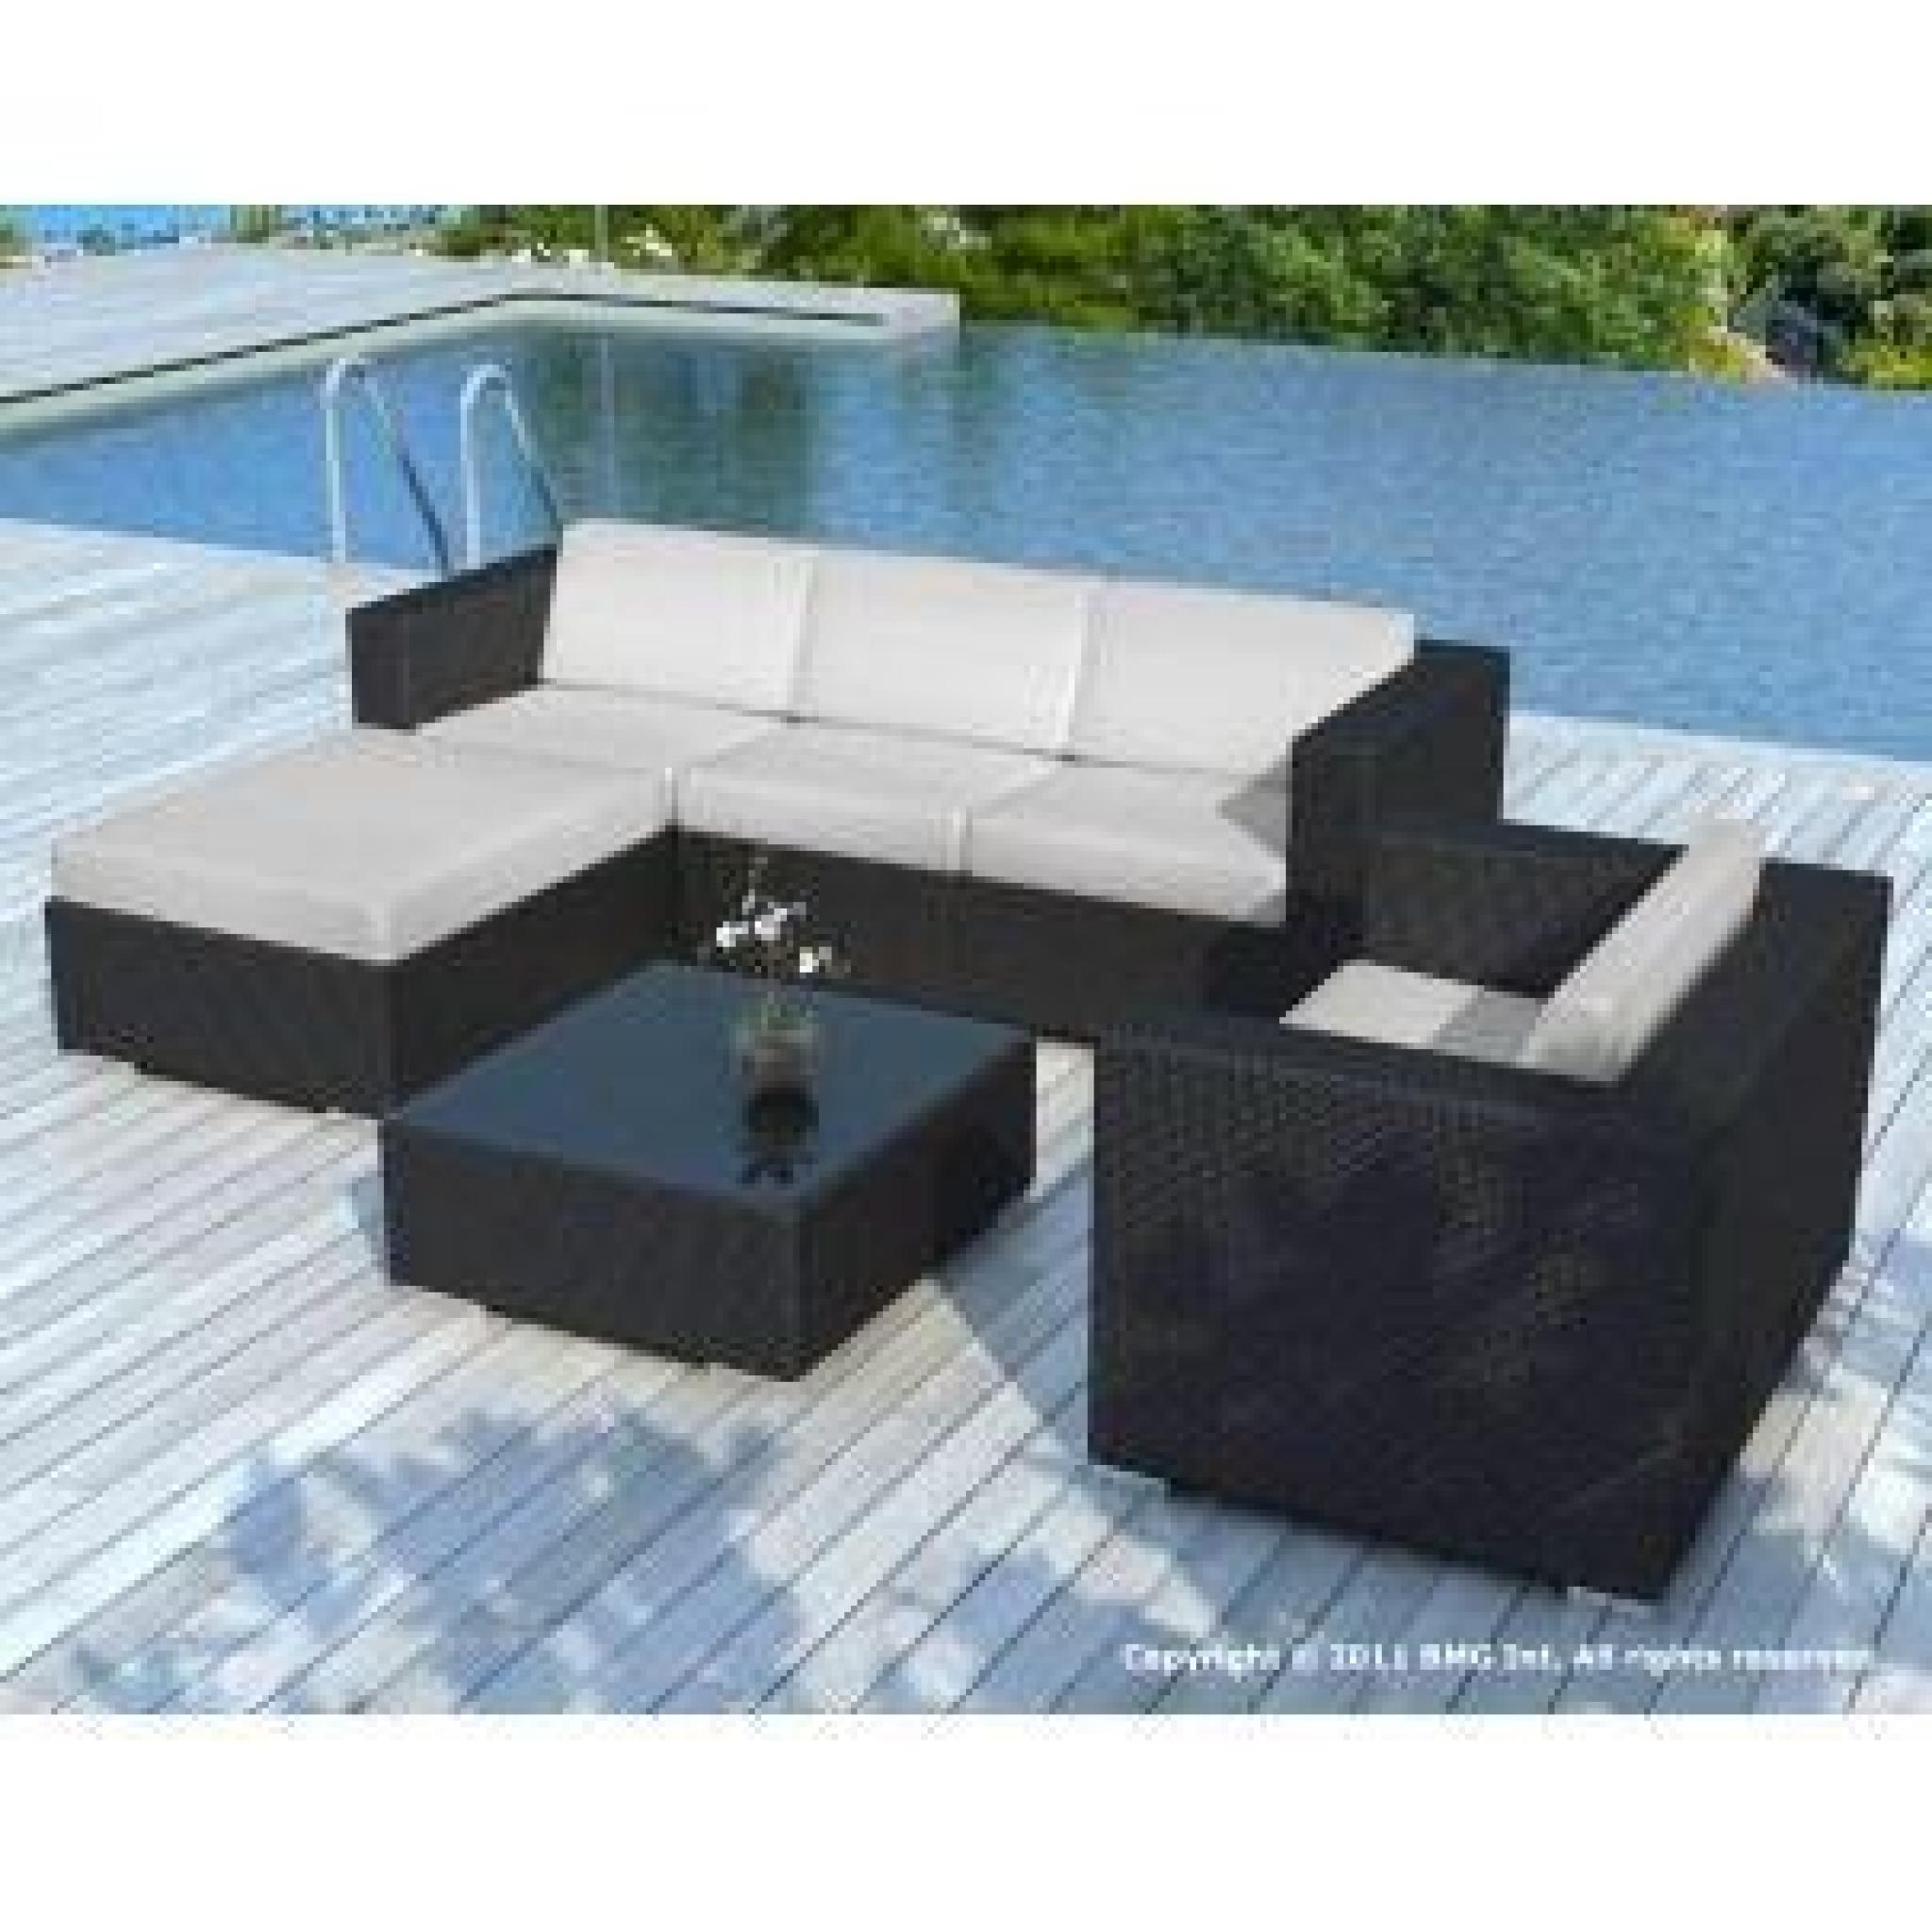 salon de jardin noire coussin gris clair sd8201 achat. Black Bedroom Furniture Sets. Home Design Ideas